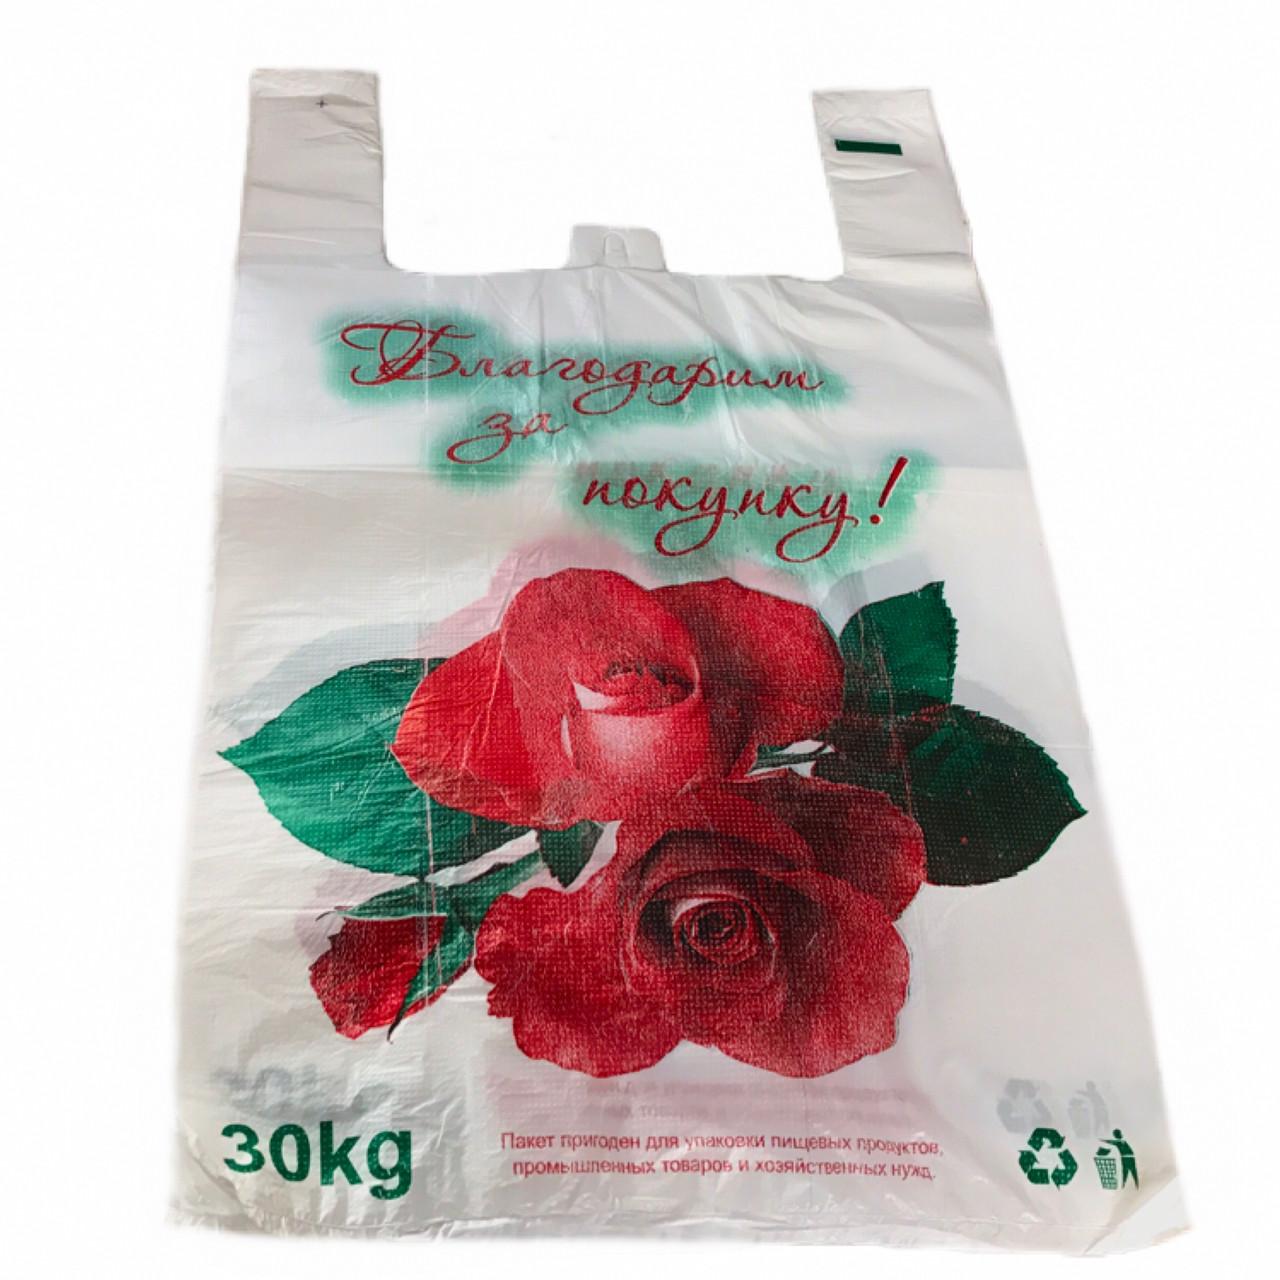 Пакеты майка БЛАГОДАРИМ ЗА ПОКУПКУ РОЗА 30х50см, плотные полиэтиленовые пакеты